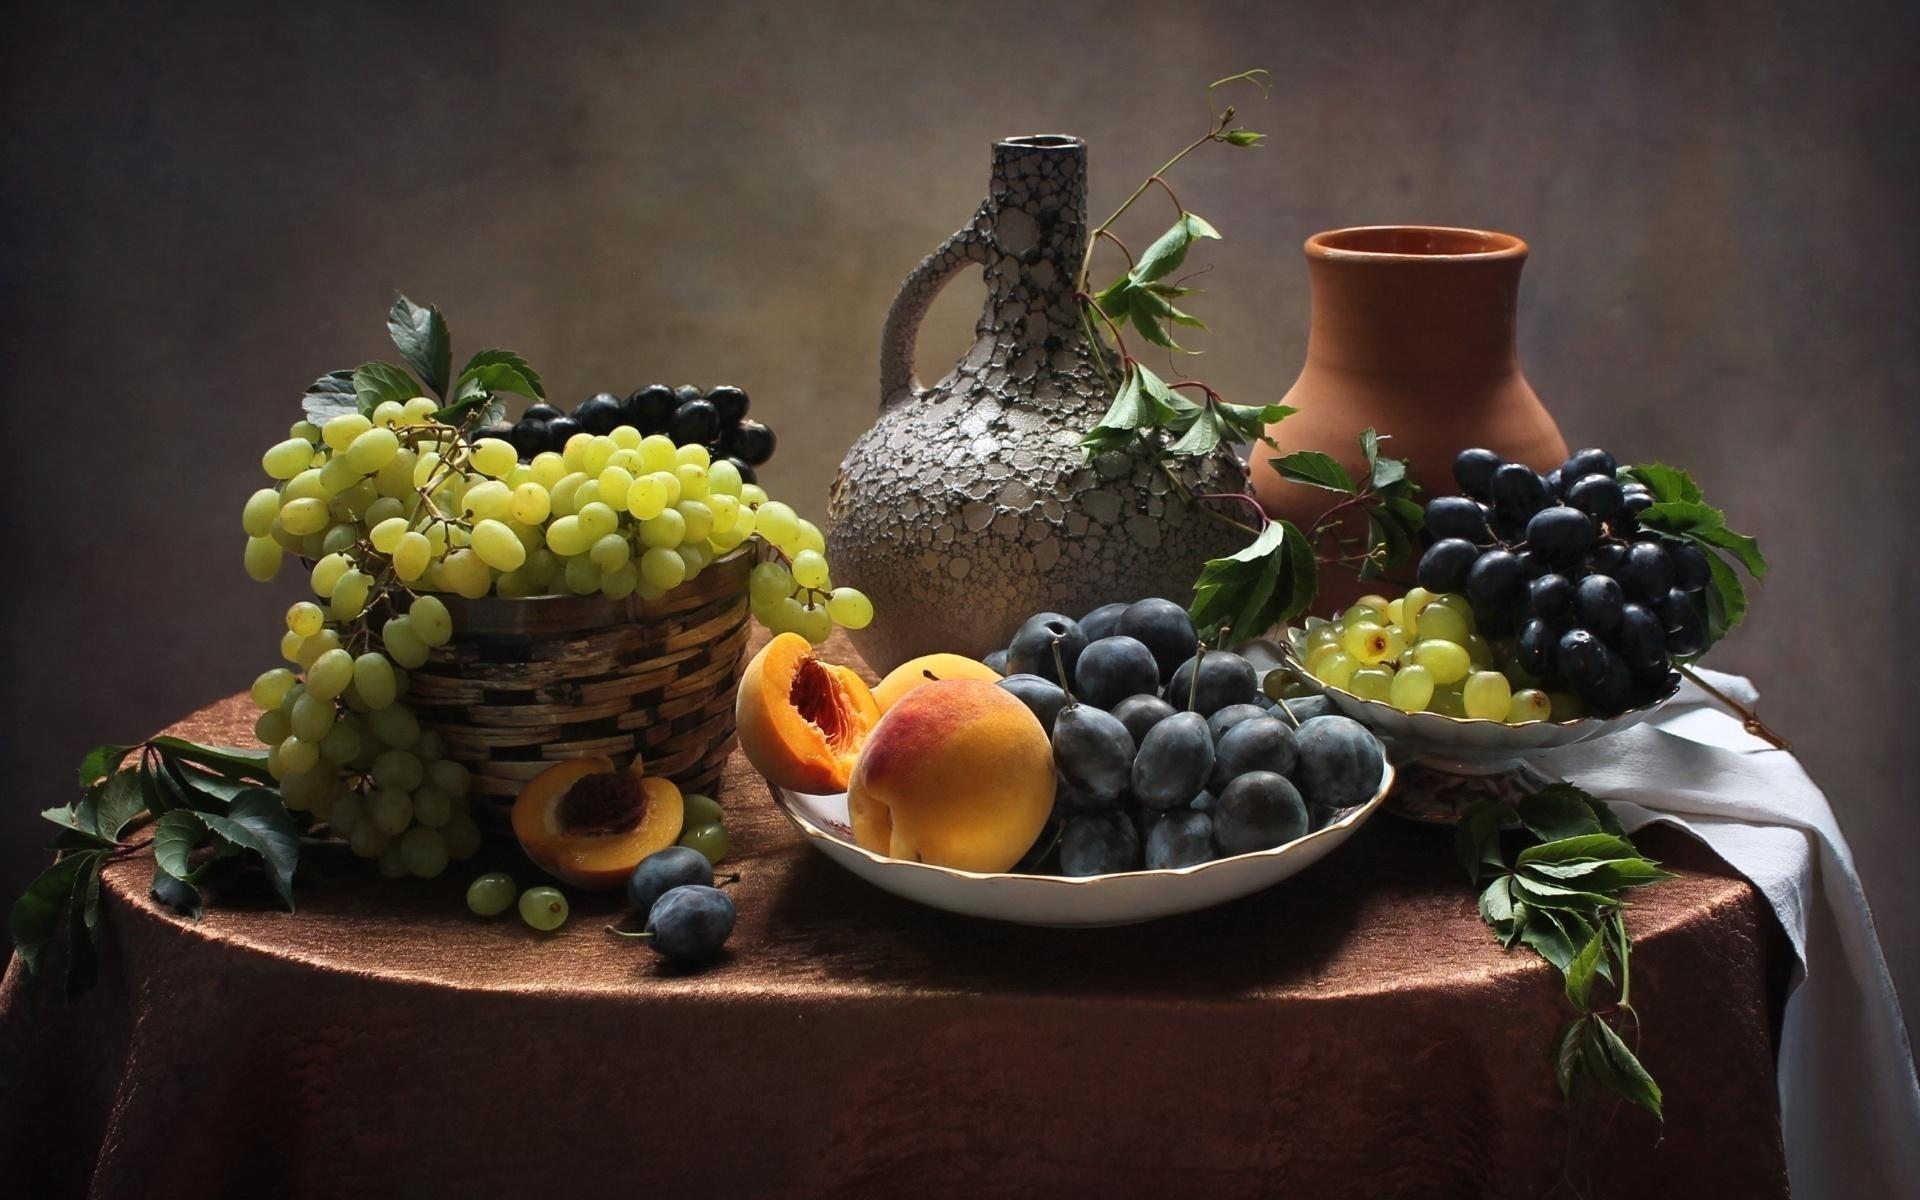 Картинка натюрморт фрукты, мастер-класс квиллинг открытки